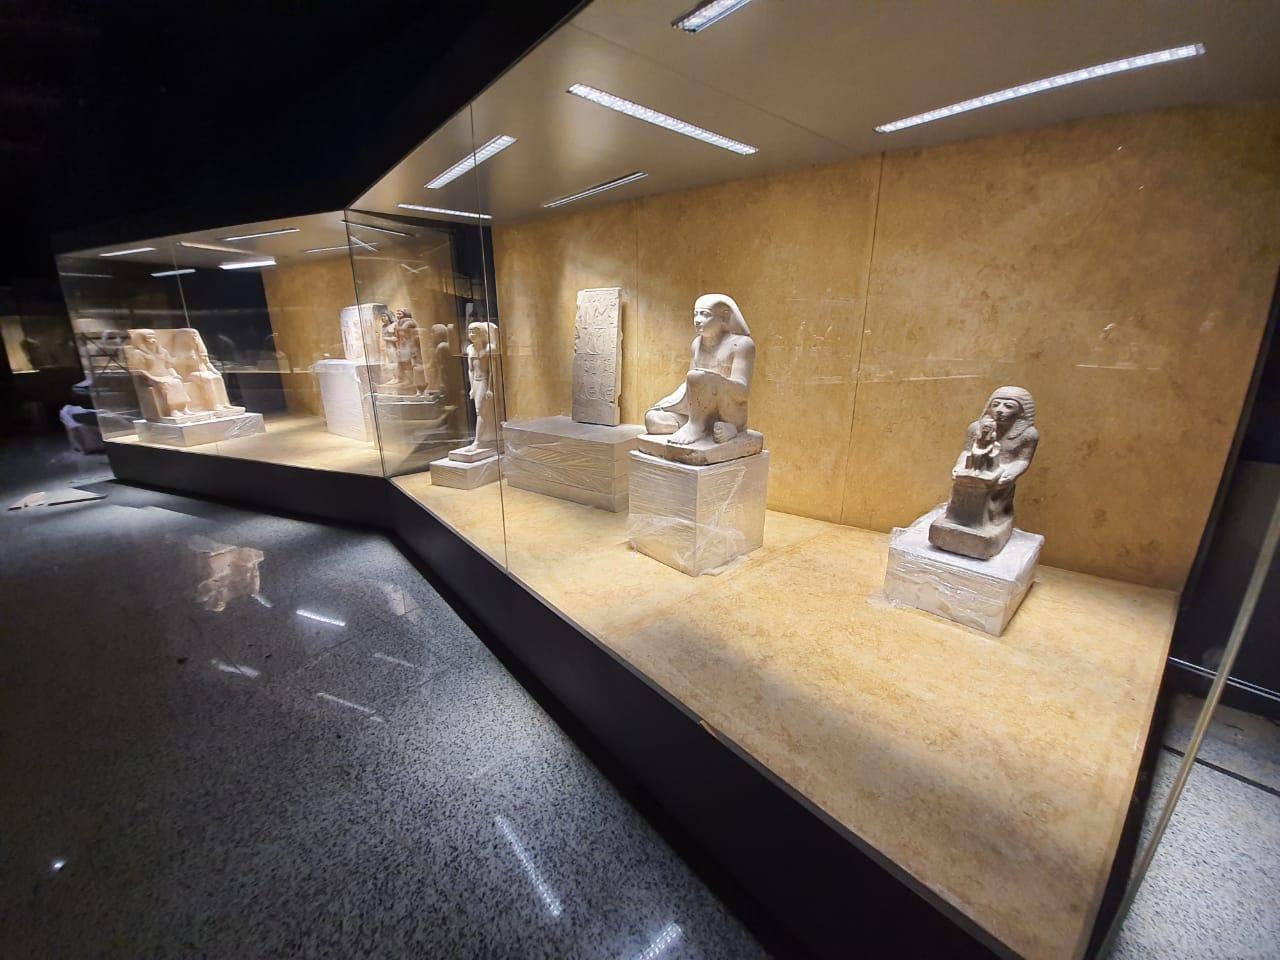 قريبا .. افتتاح متحف شرم الشيخ جزئياً